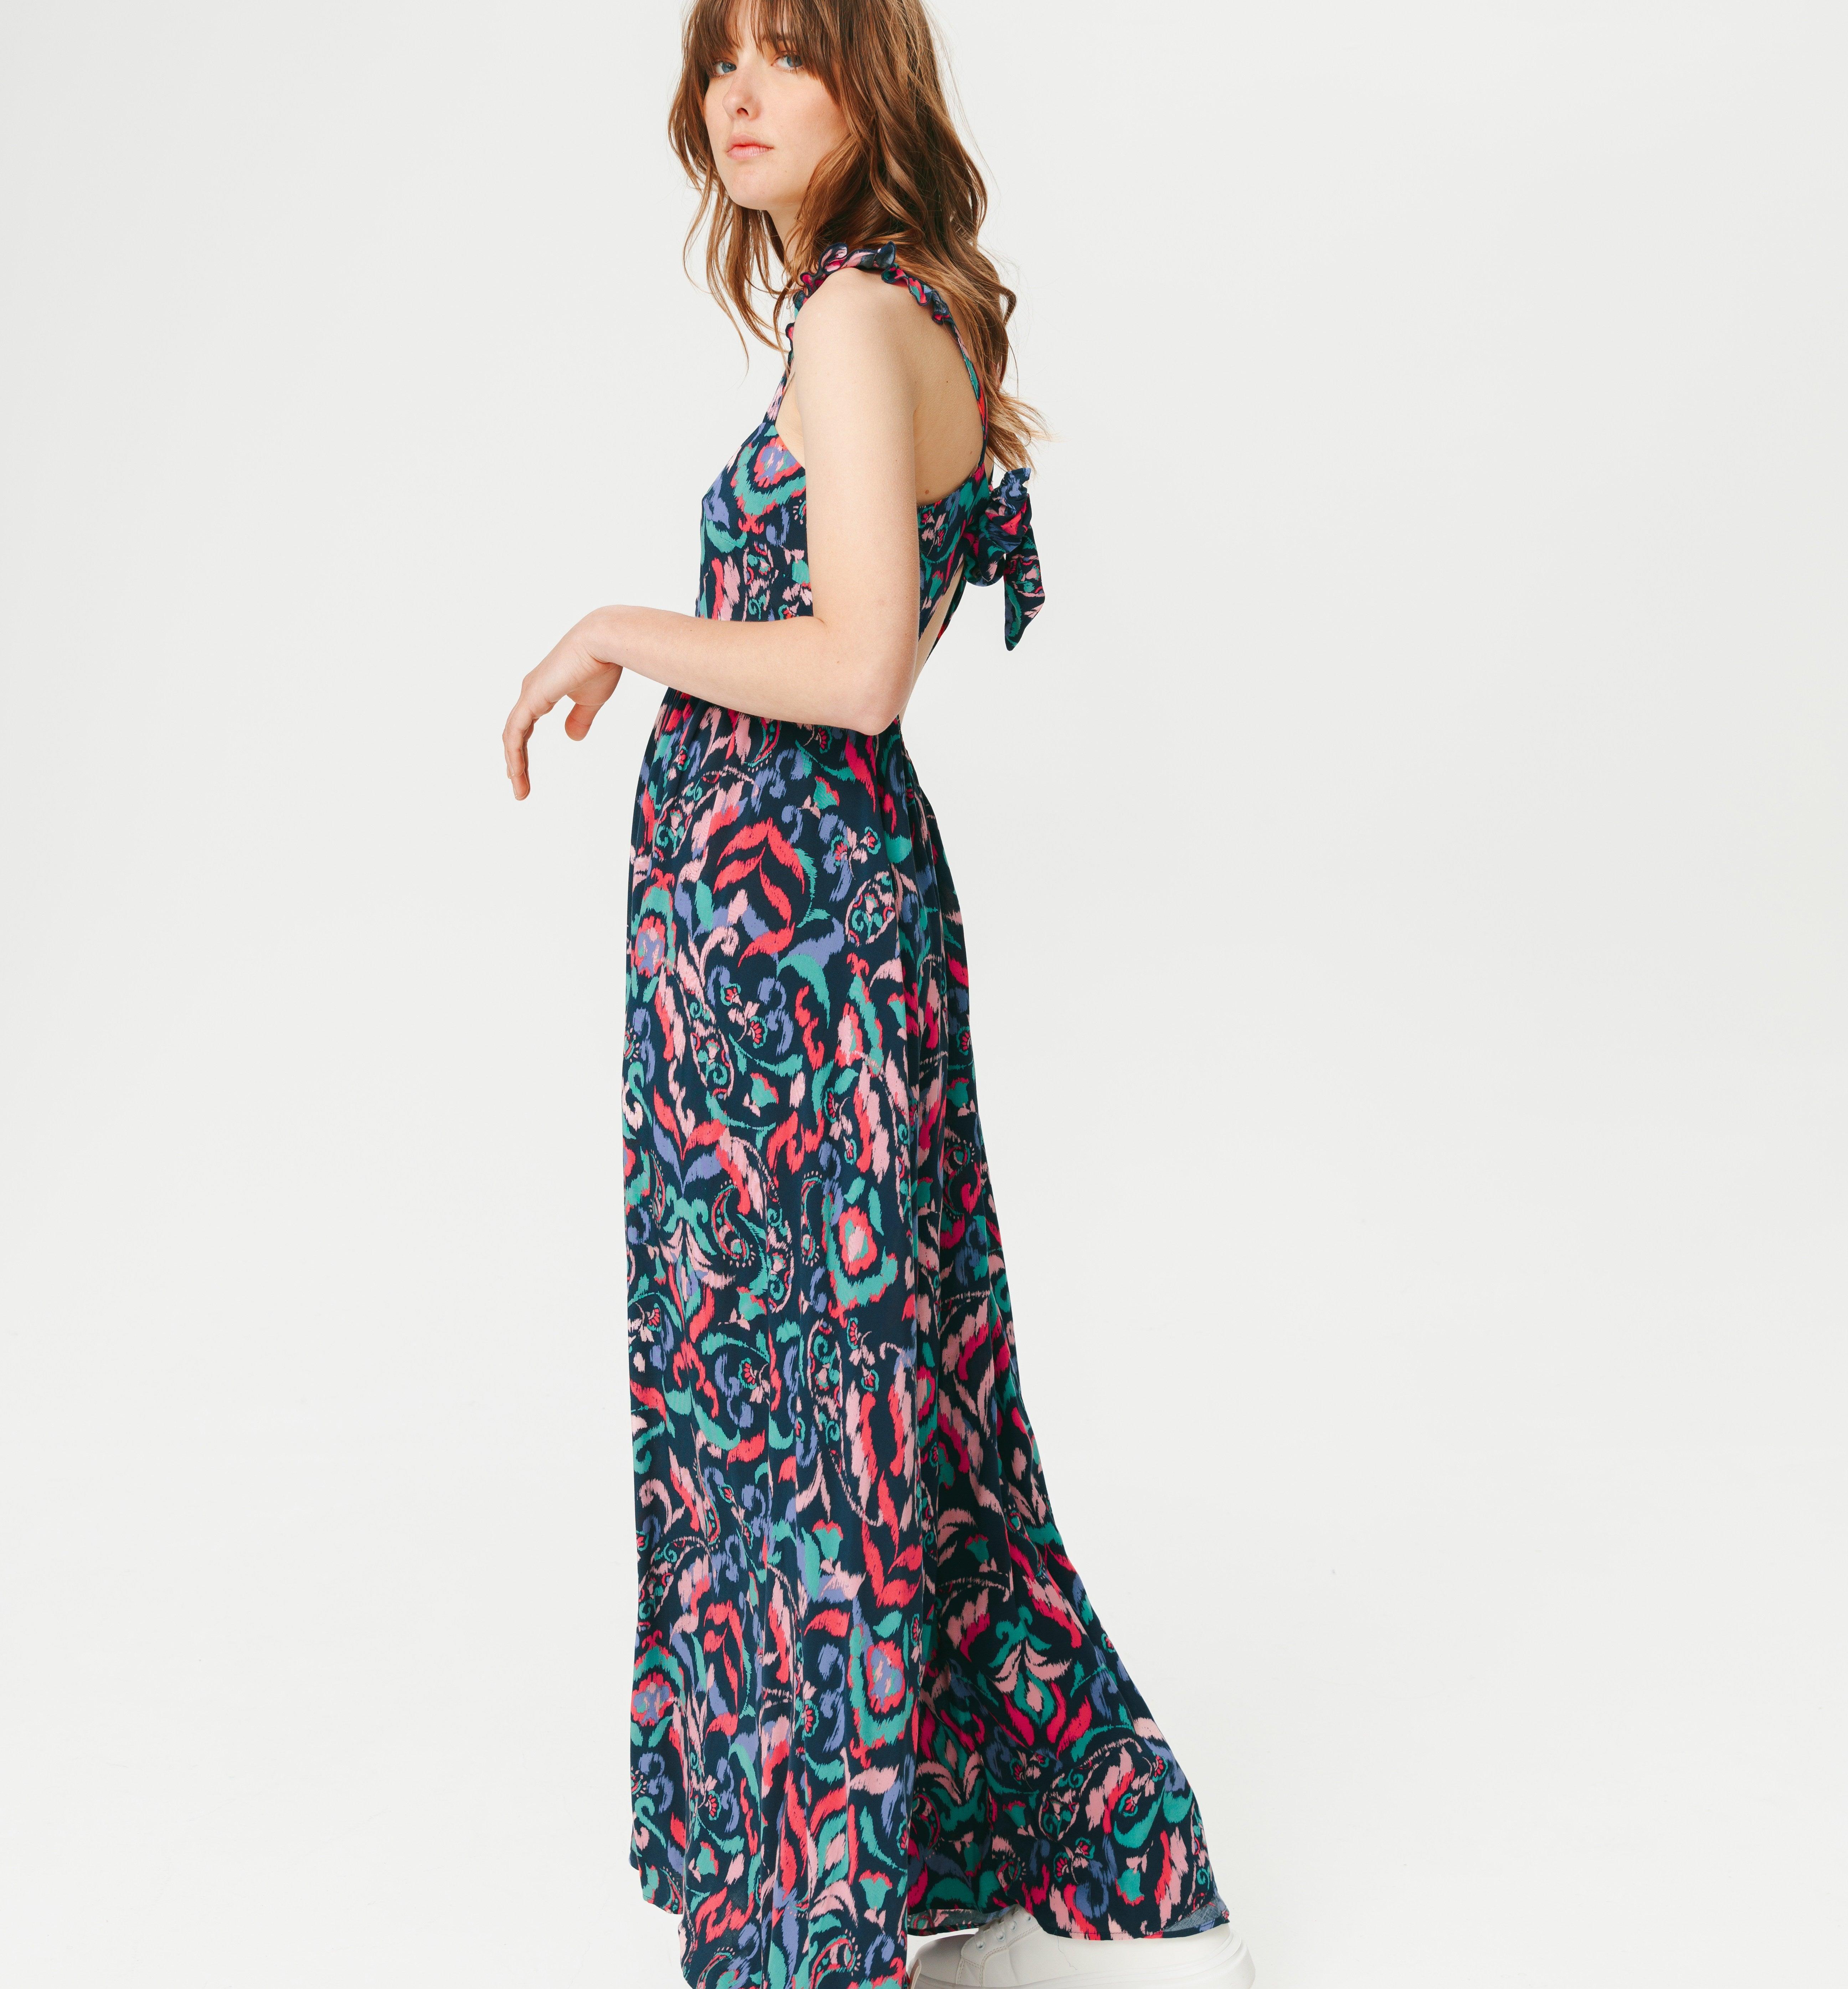 Longue robe imprimée Femme